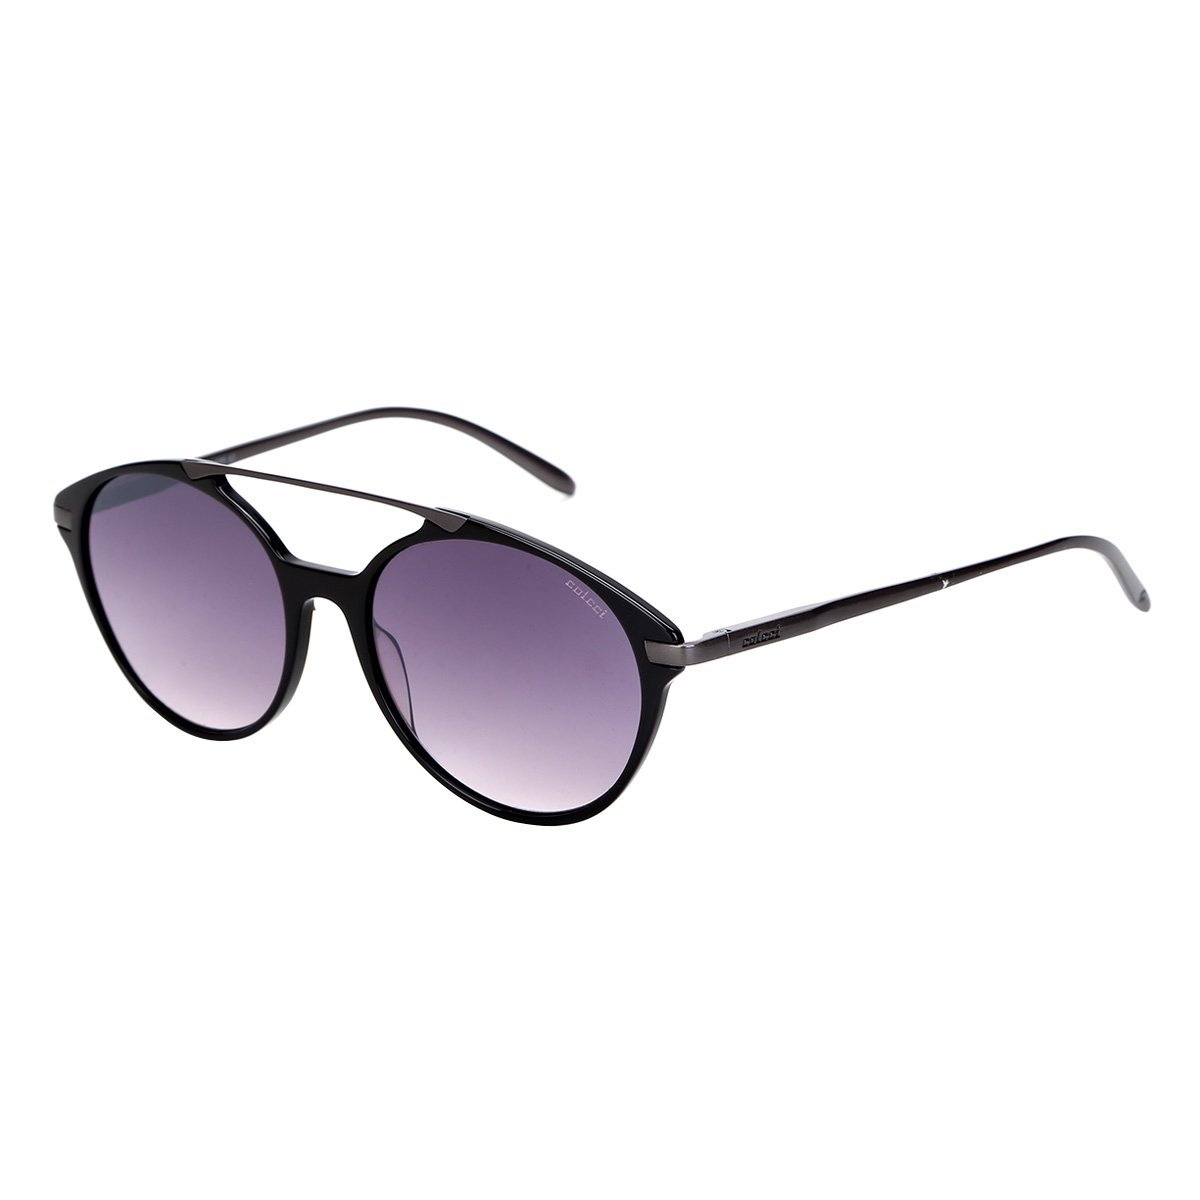 7e2a835df Óculos de Sol Colcci C0069 Feminino